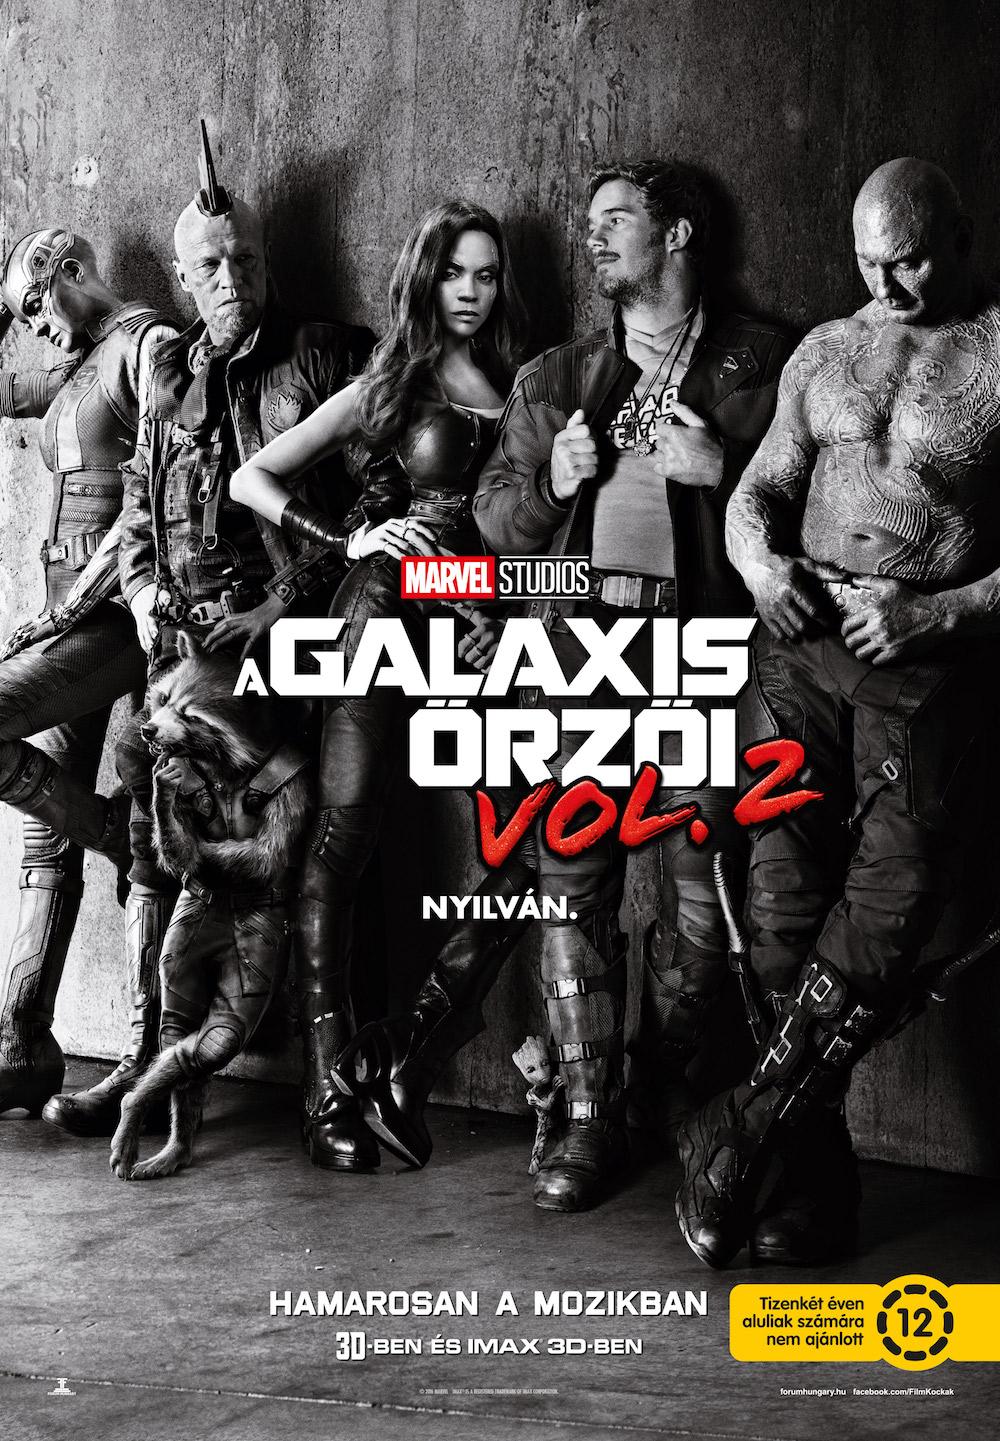 a_galaxis_orzoi_vol2_b1